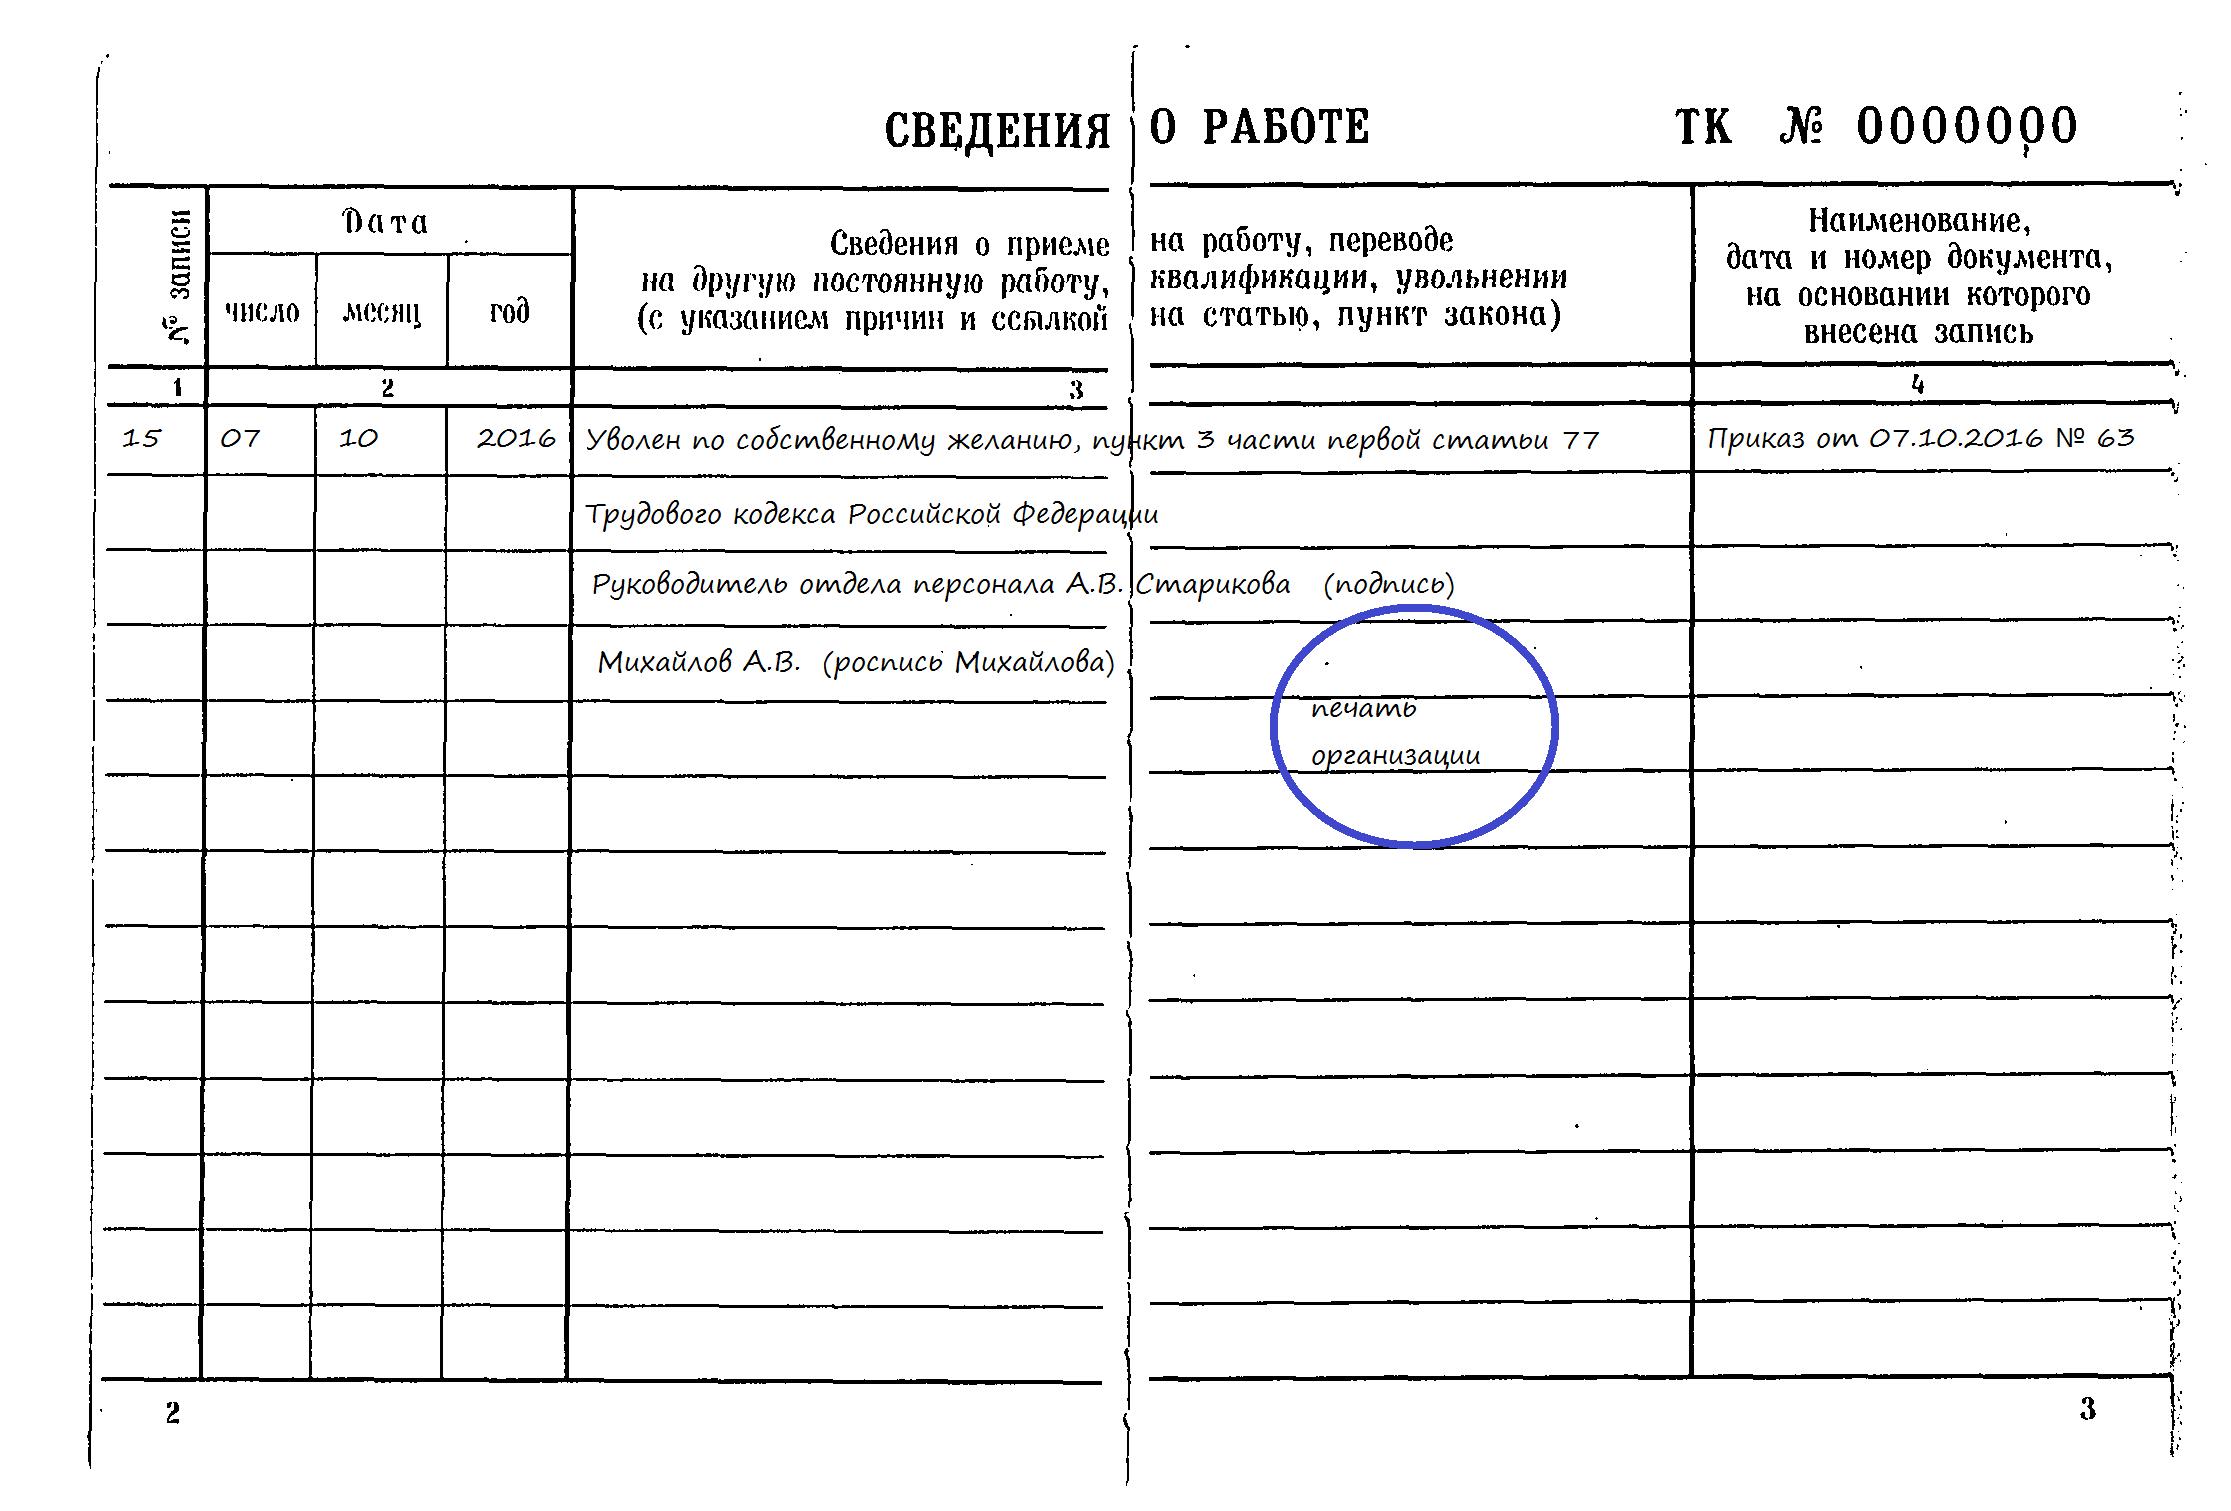 С записями в трудовой книжке ознакомлен образец налоговый вычет по чекам